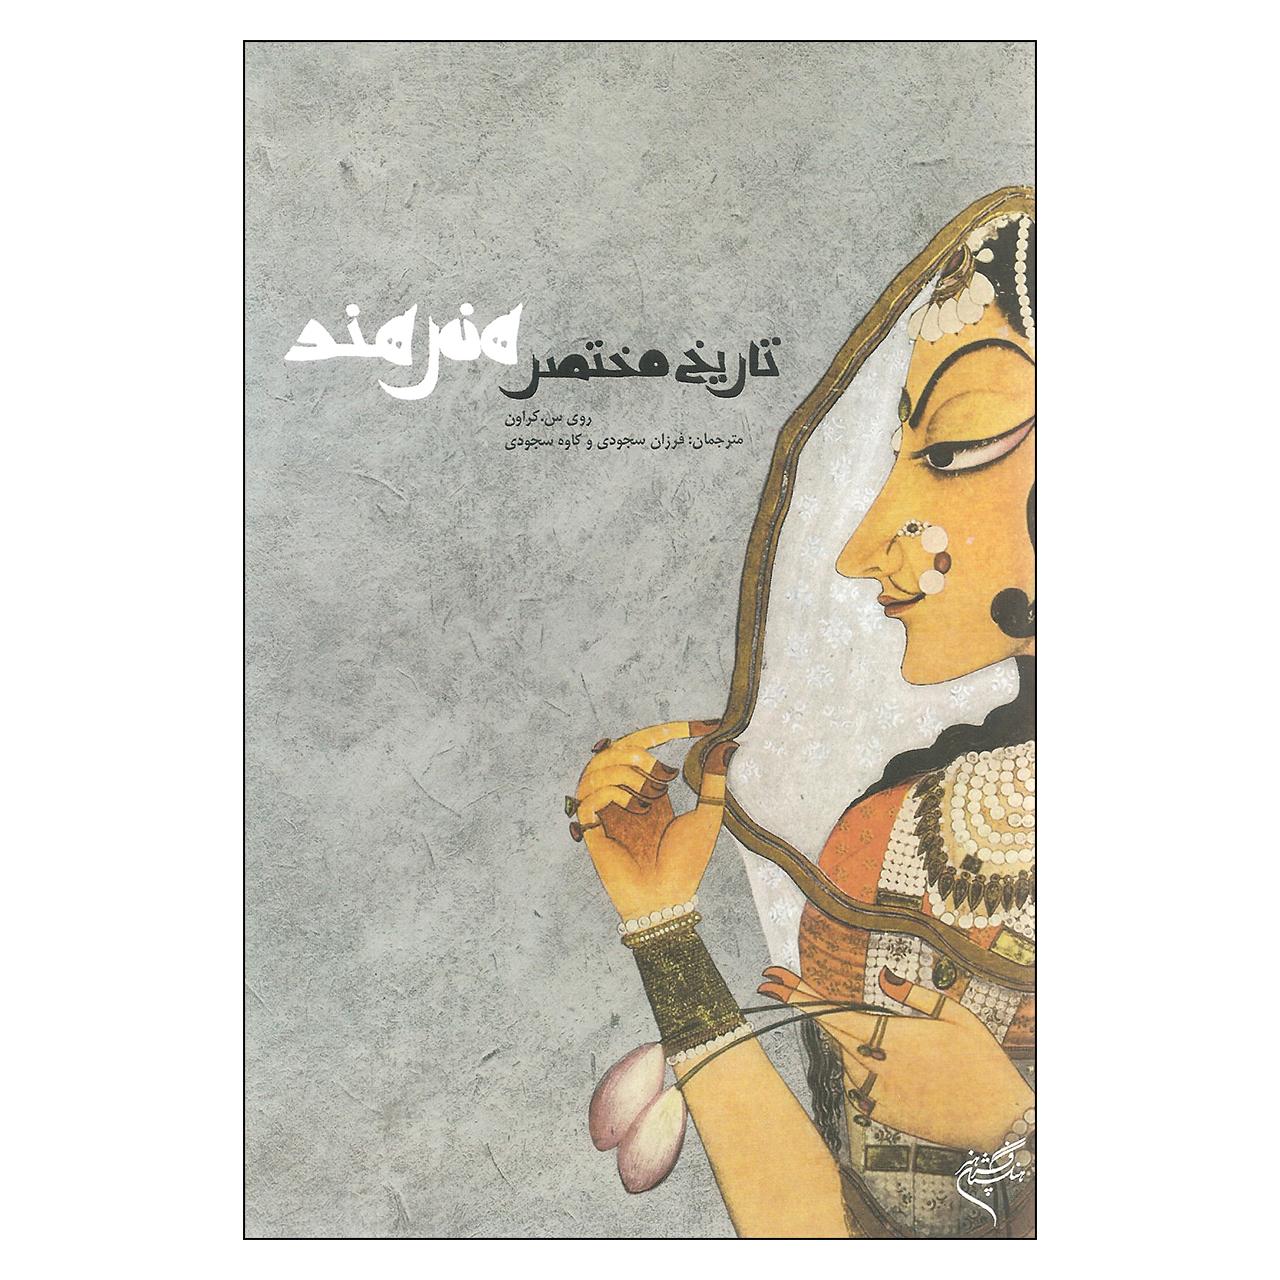 کتاب تاریخ مختصر هنرمند اثر روی س. کراون نشر فرهنگستان هنر